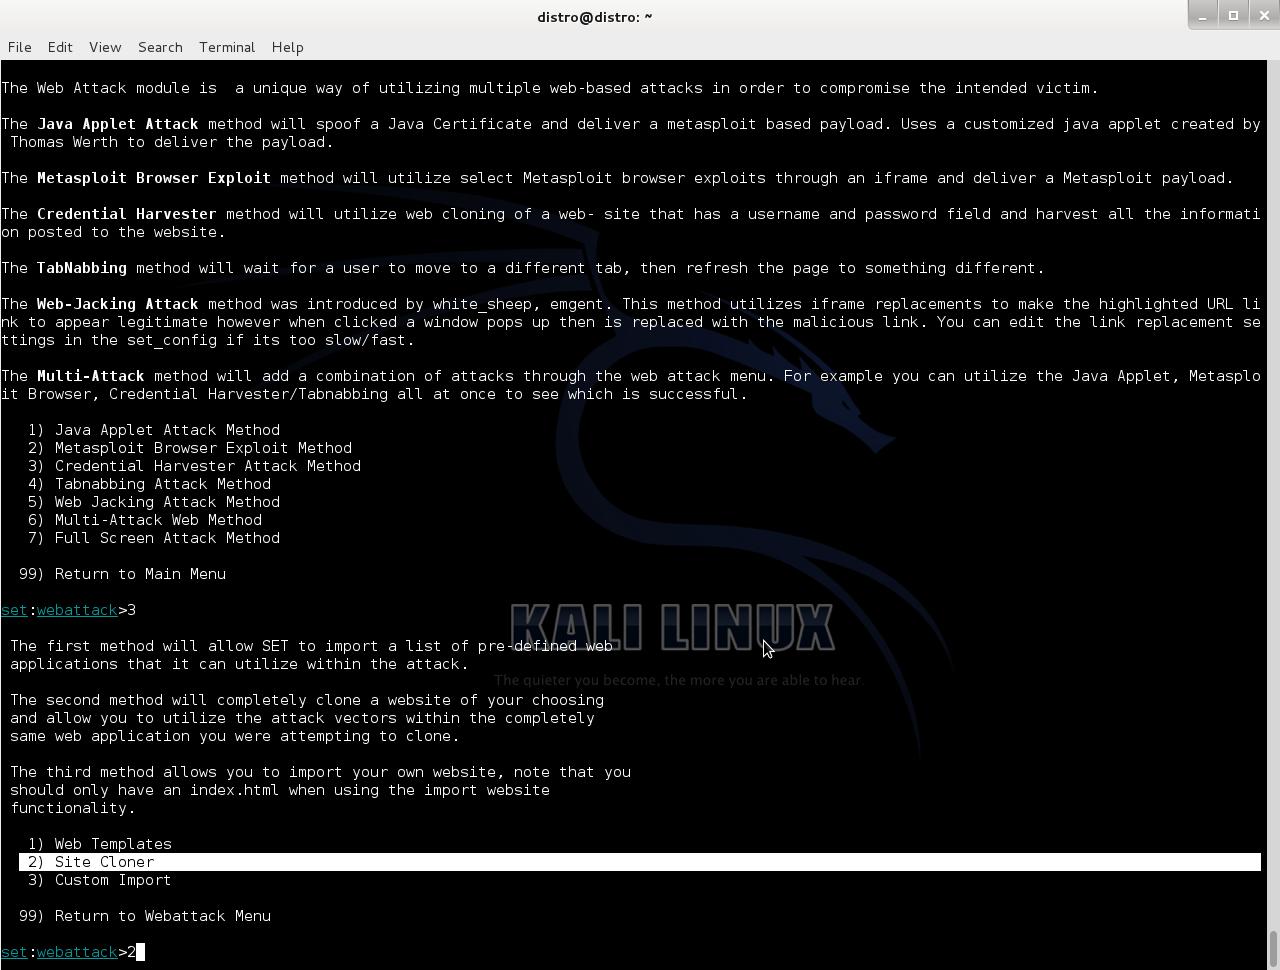 Клонирование сайта SET Kali linux